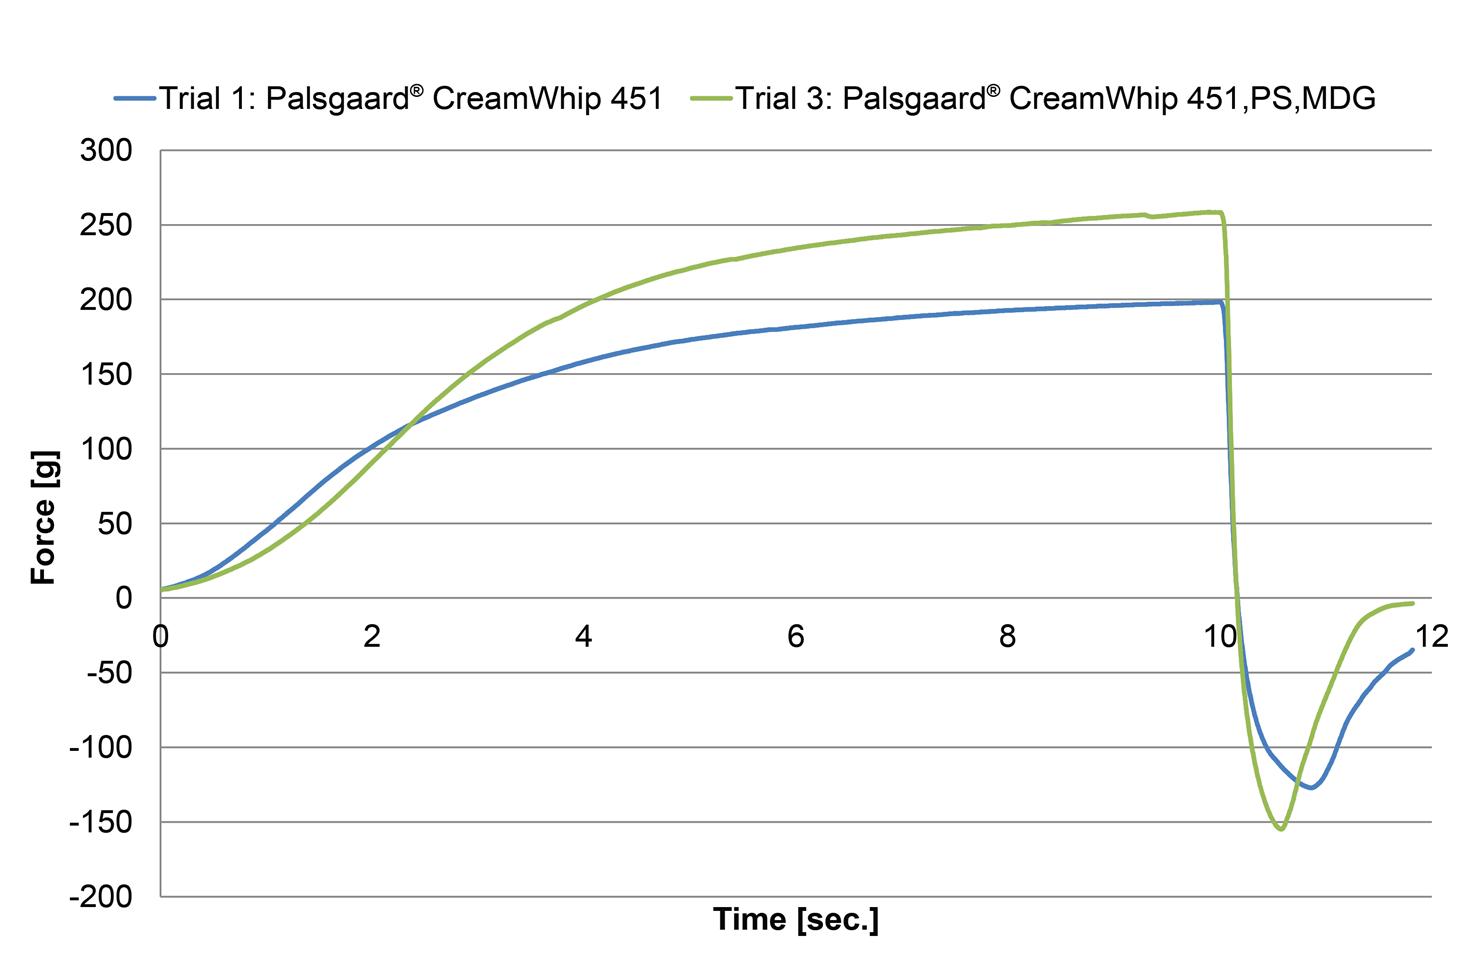 Figure 4 Hardness Of Whipped Imitation Cream